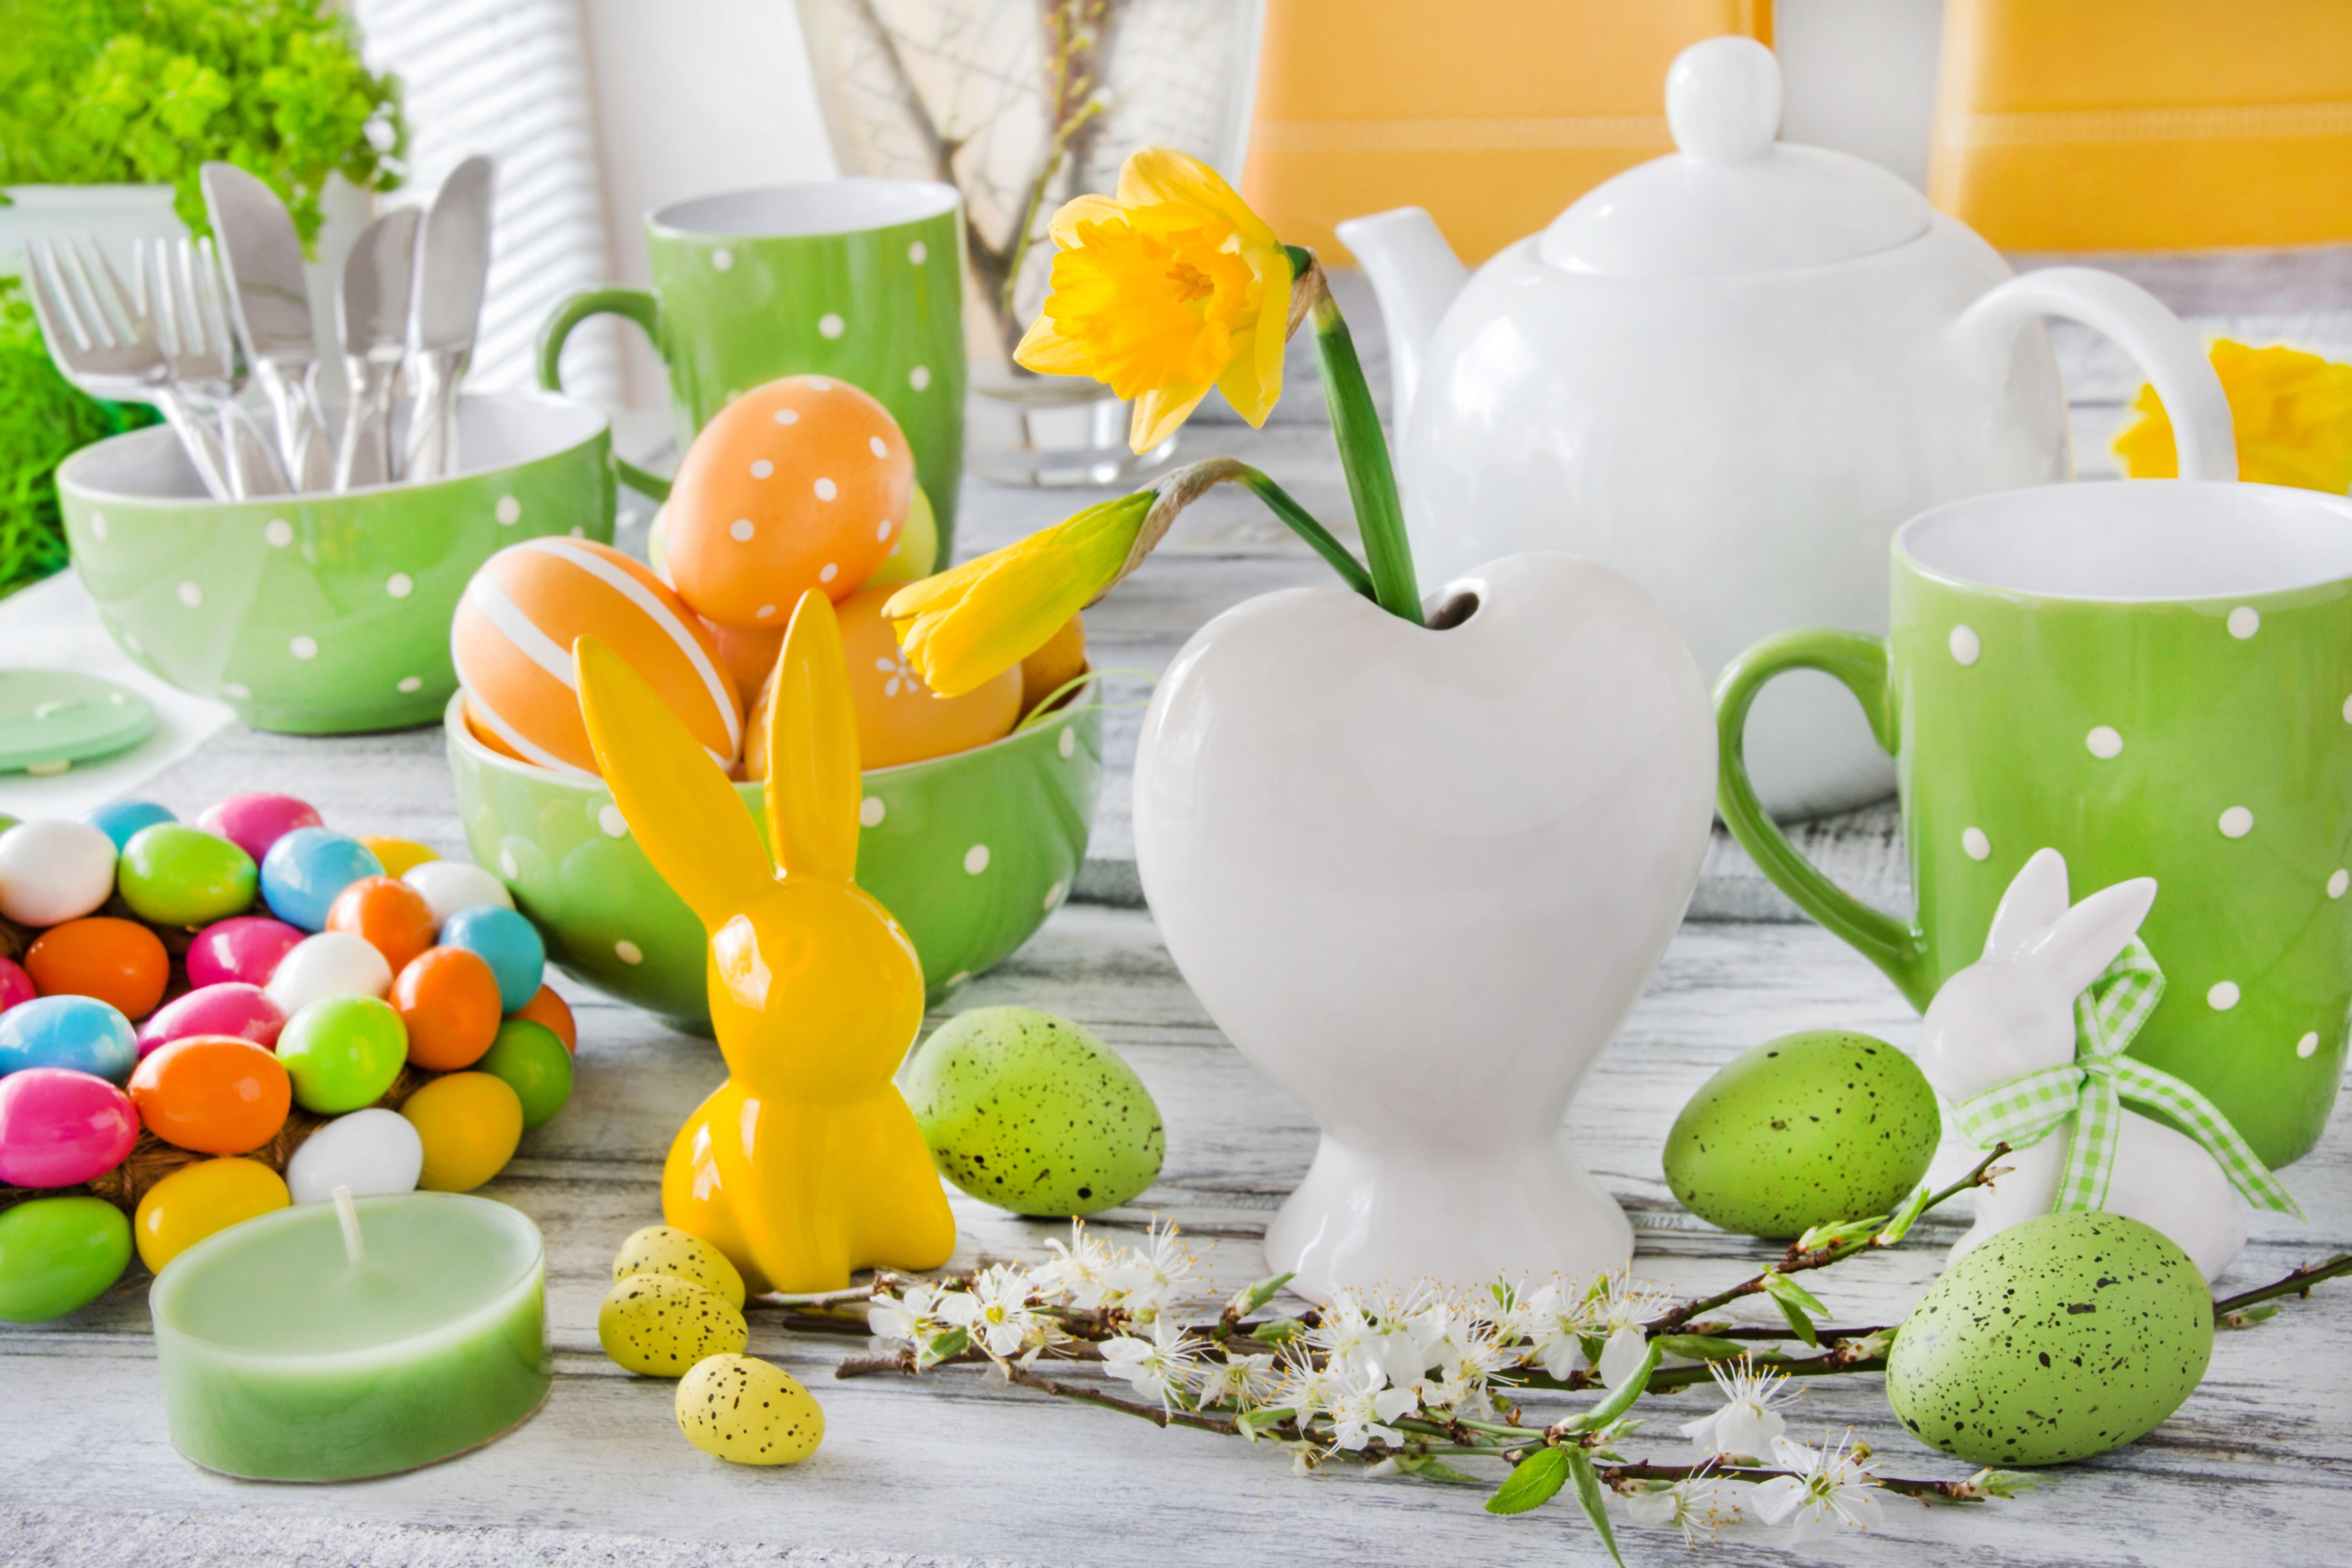 природа кролик цветы тюльпаны яйца пасха  № 271778 без смс